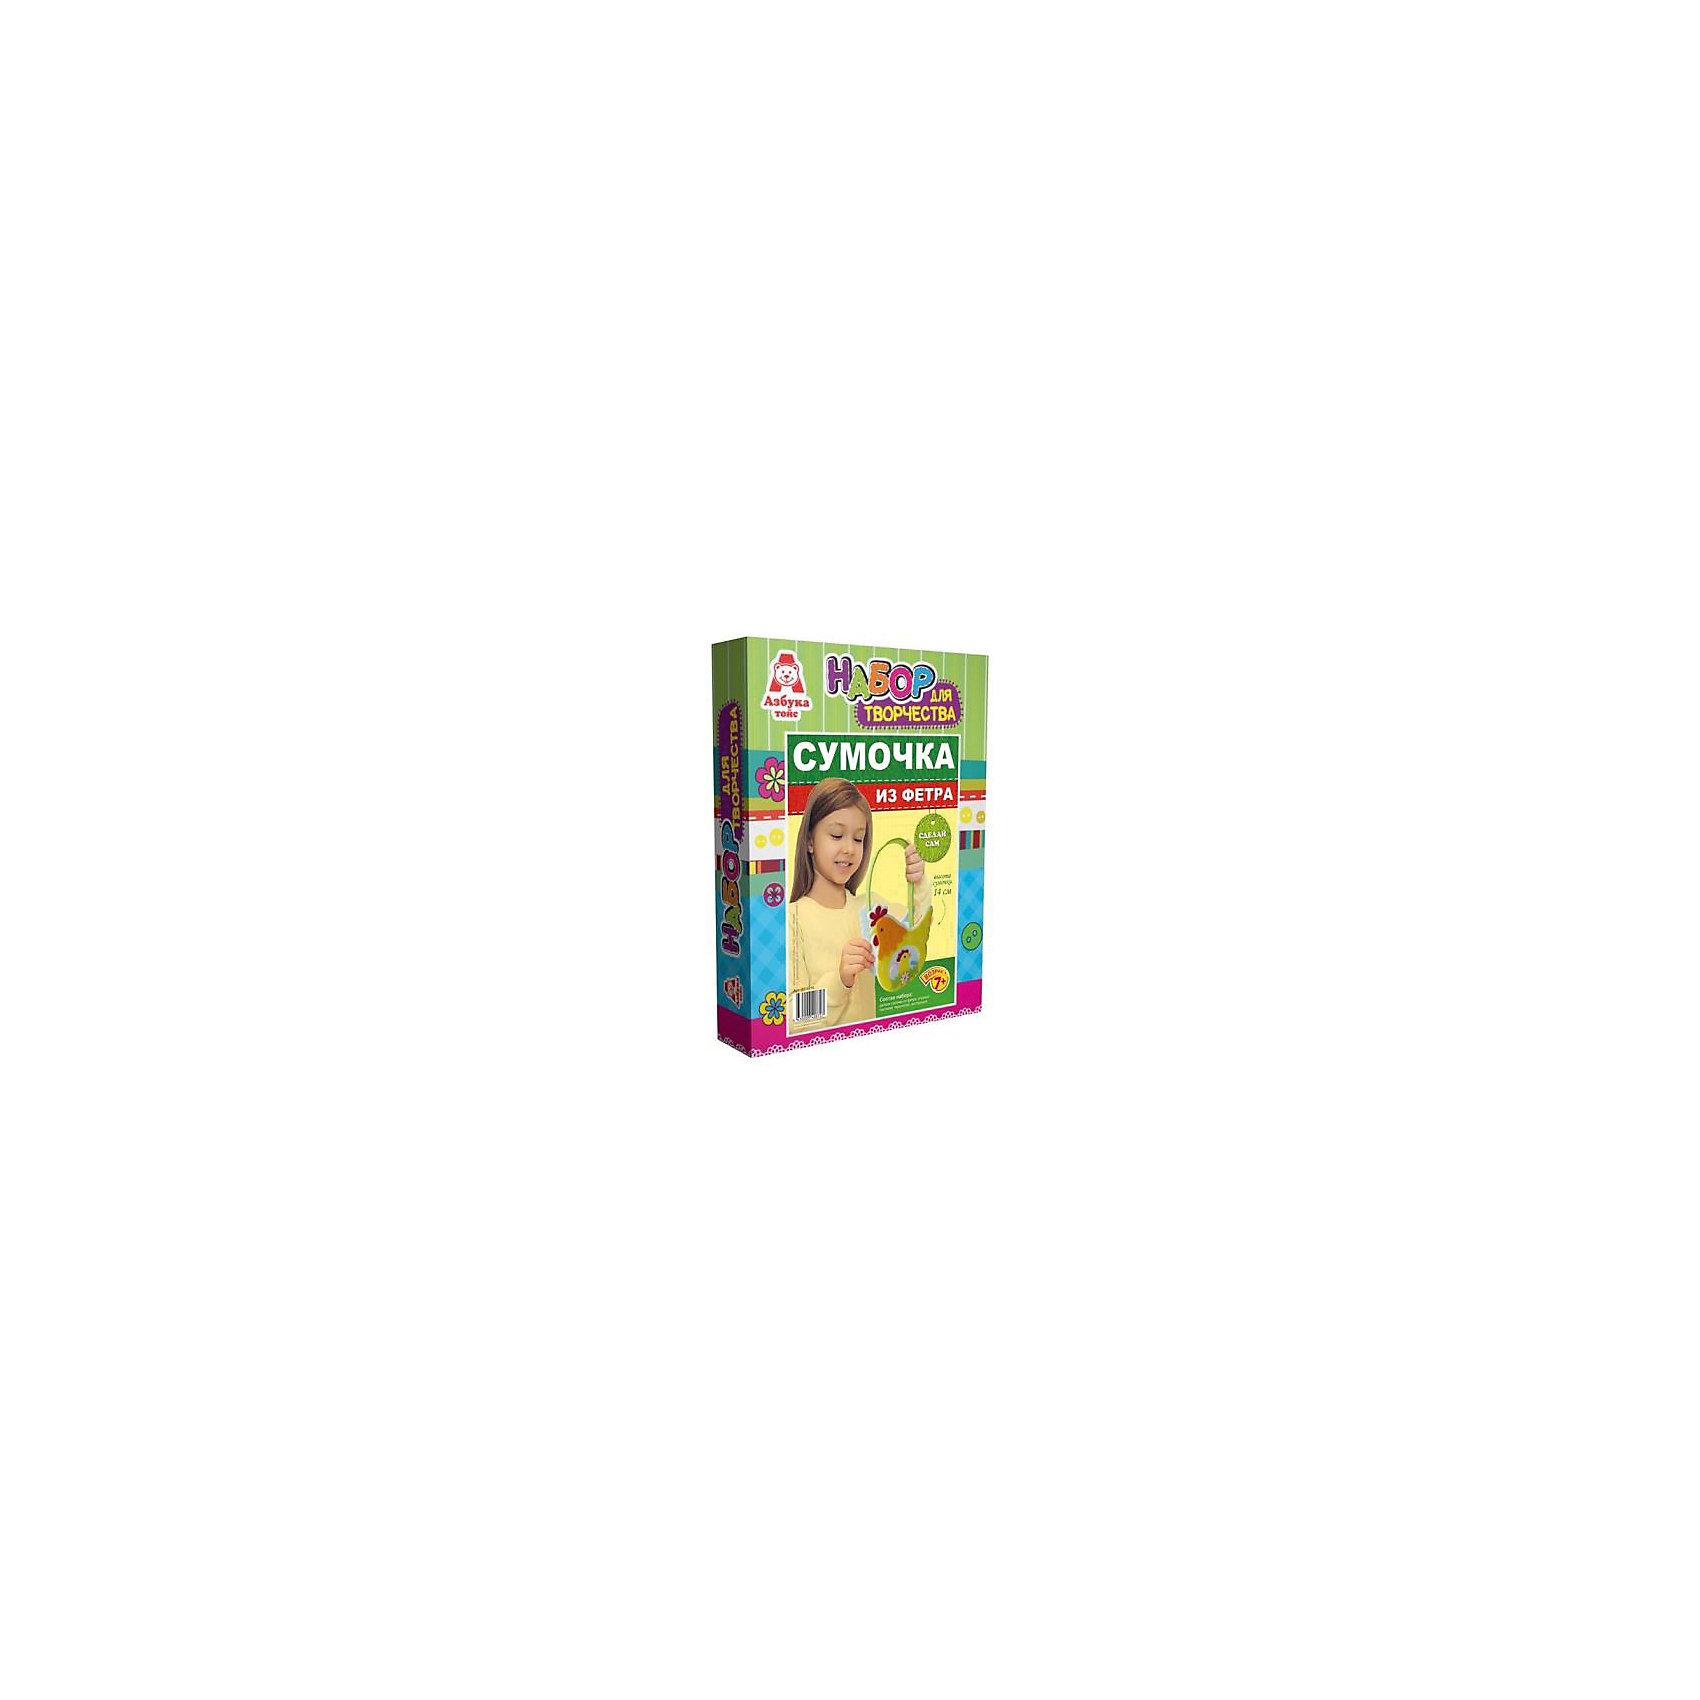 Сумочка из фетра Курочка с цыпленкомСумочка из фетра Курочка и цыпленок, Азбука Тойс.<br><br>Характеристики:<br><br>• готовая сумочка прекрасно сохраняет форму<br>• легко изготовить<br>• яркие материалы<br>• высота сумочки: 14 см<br>• в комплекте: детали из фетра, термоклей, клеевой пистолет<br>• размер упаковки: 28х5х21 см<br>• вес: 178 грамм<br><br>Набор Курочка и цыпленок содержит всё необходимое для создания стильной фетровой сумки. Чтобы сделать сумочку, нужно соединить детали из фетра с помощью клеевого пистолета. Готовая сумочка имеет ручки, что делает ее очень удобной и подходящей для хранения различных предметов. Яркая сумочка порадует каждую начинающую модницу!<br><br>Сумочку из фетра Курочка и цыпленок, Азбука Тойс вы можете купить в нашем интернет-магазине.<br><br>Ширина мм: 210<br>Глубина мм: 50<br>Высота мм: 280<br>Вес г: 178<br>Возраст от месяцев: 84<br>Возраст до месяцев: 144<br>Пол: Женский<br>Возраст: Детский<br>SKU: 5062983